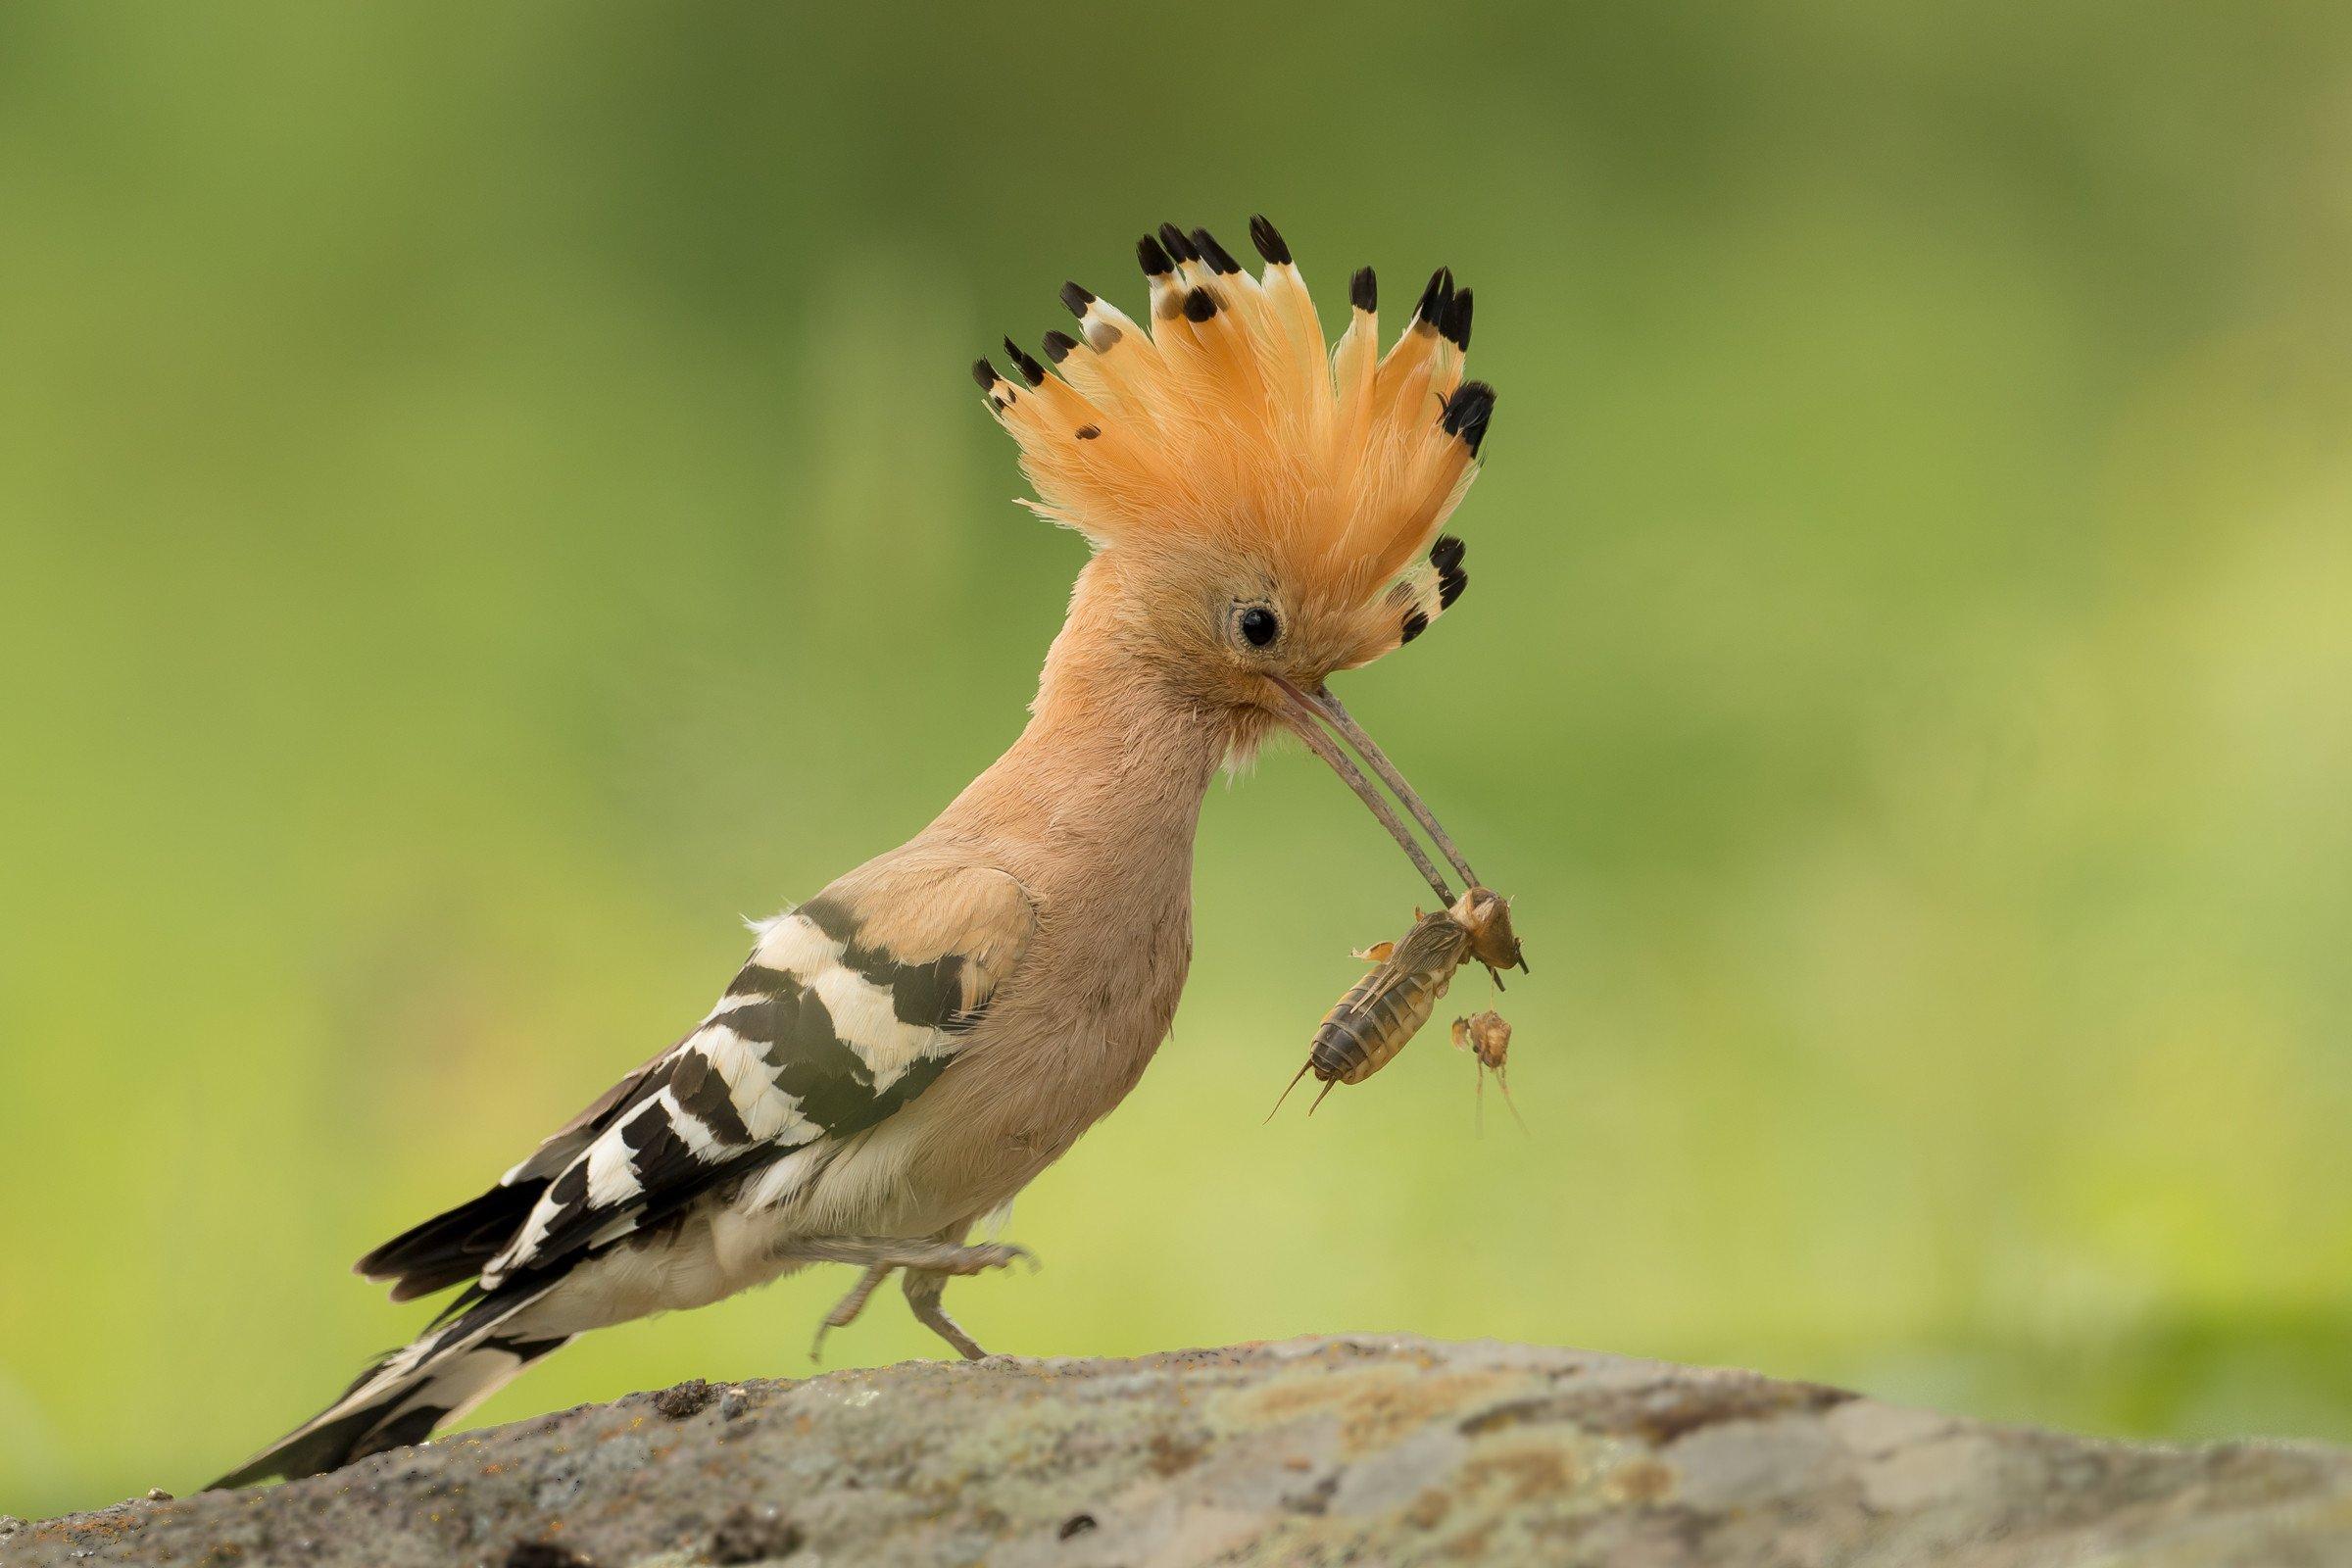 vogels bos 6940